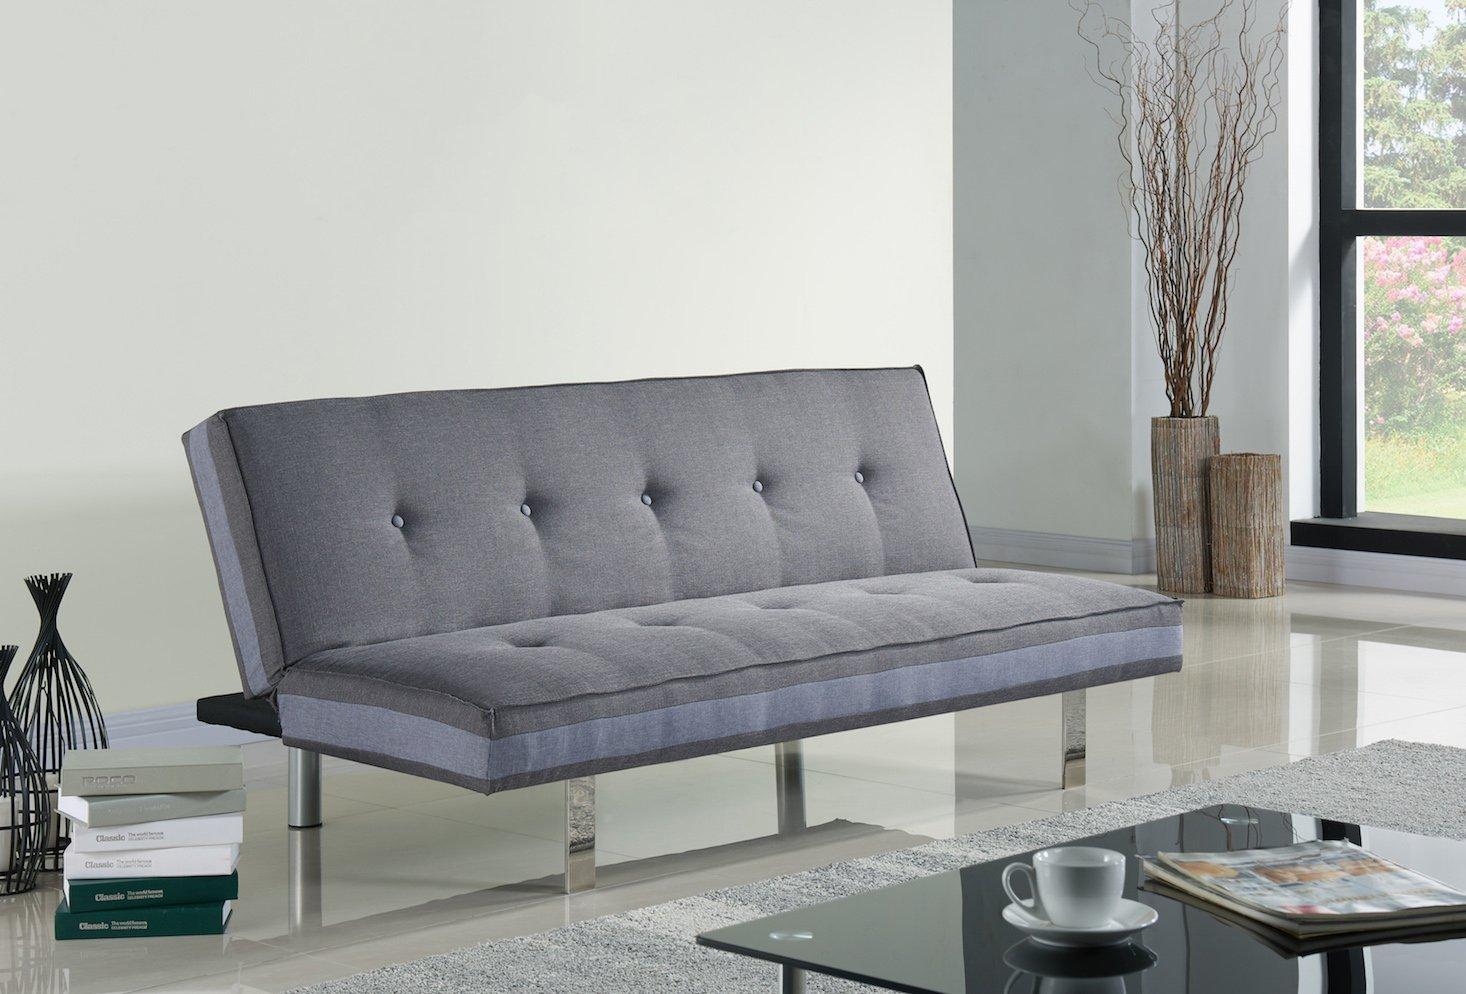 Schlafsofa Sofabett Couch Bild